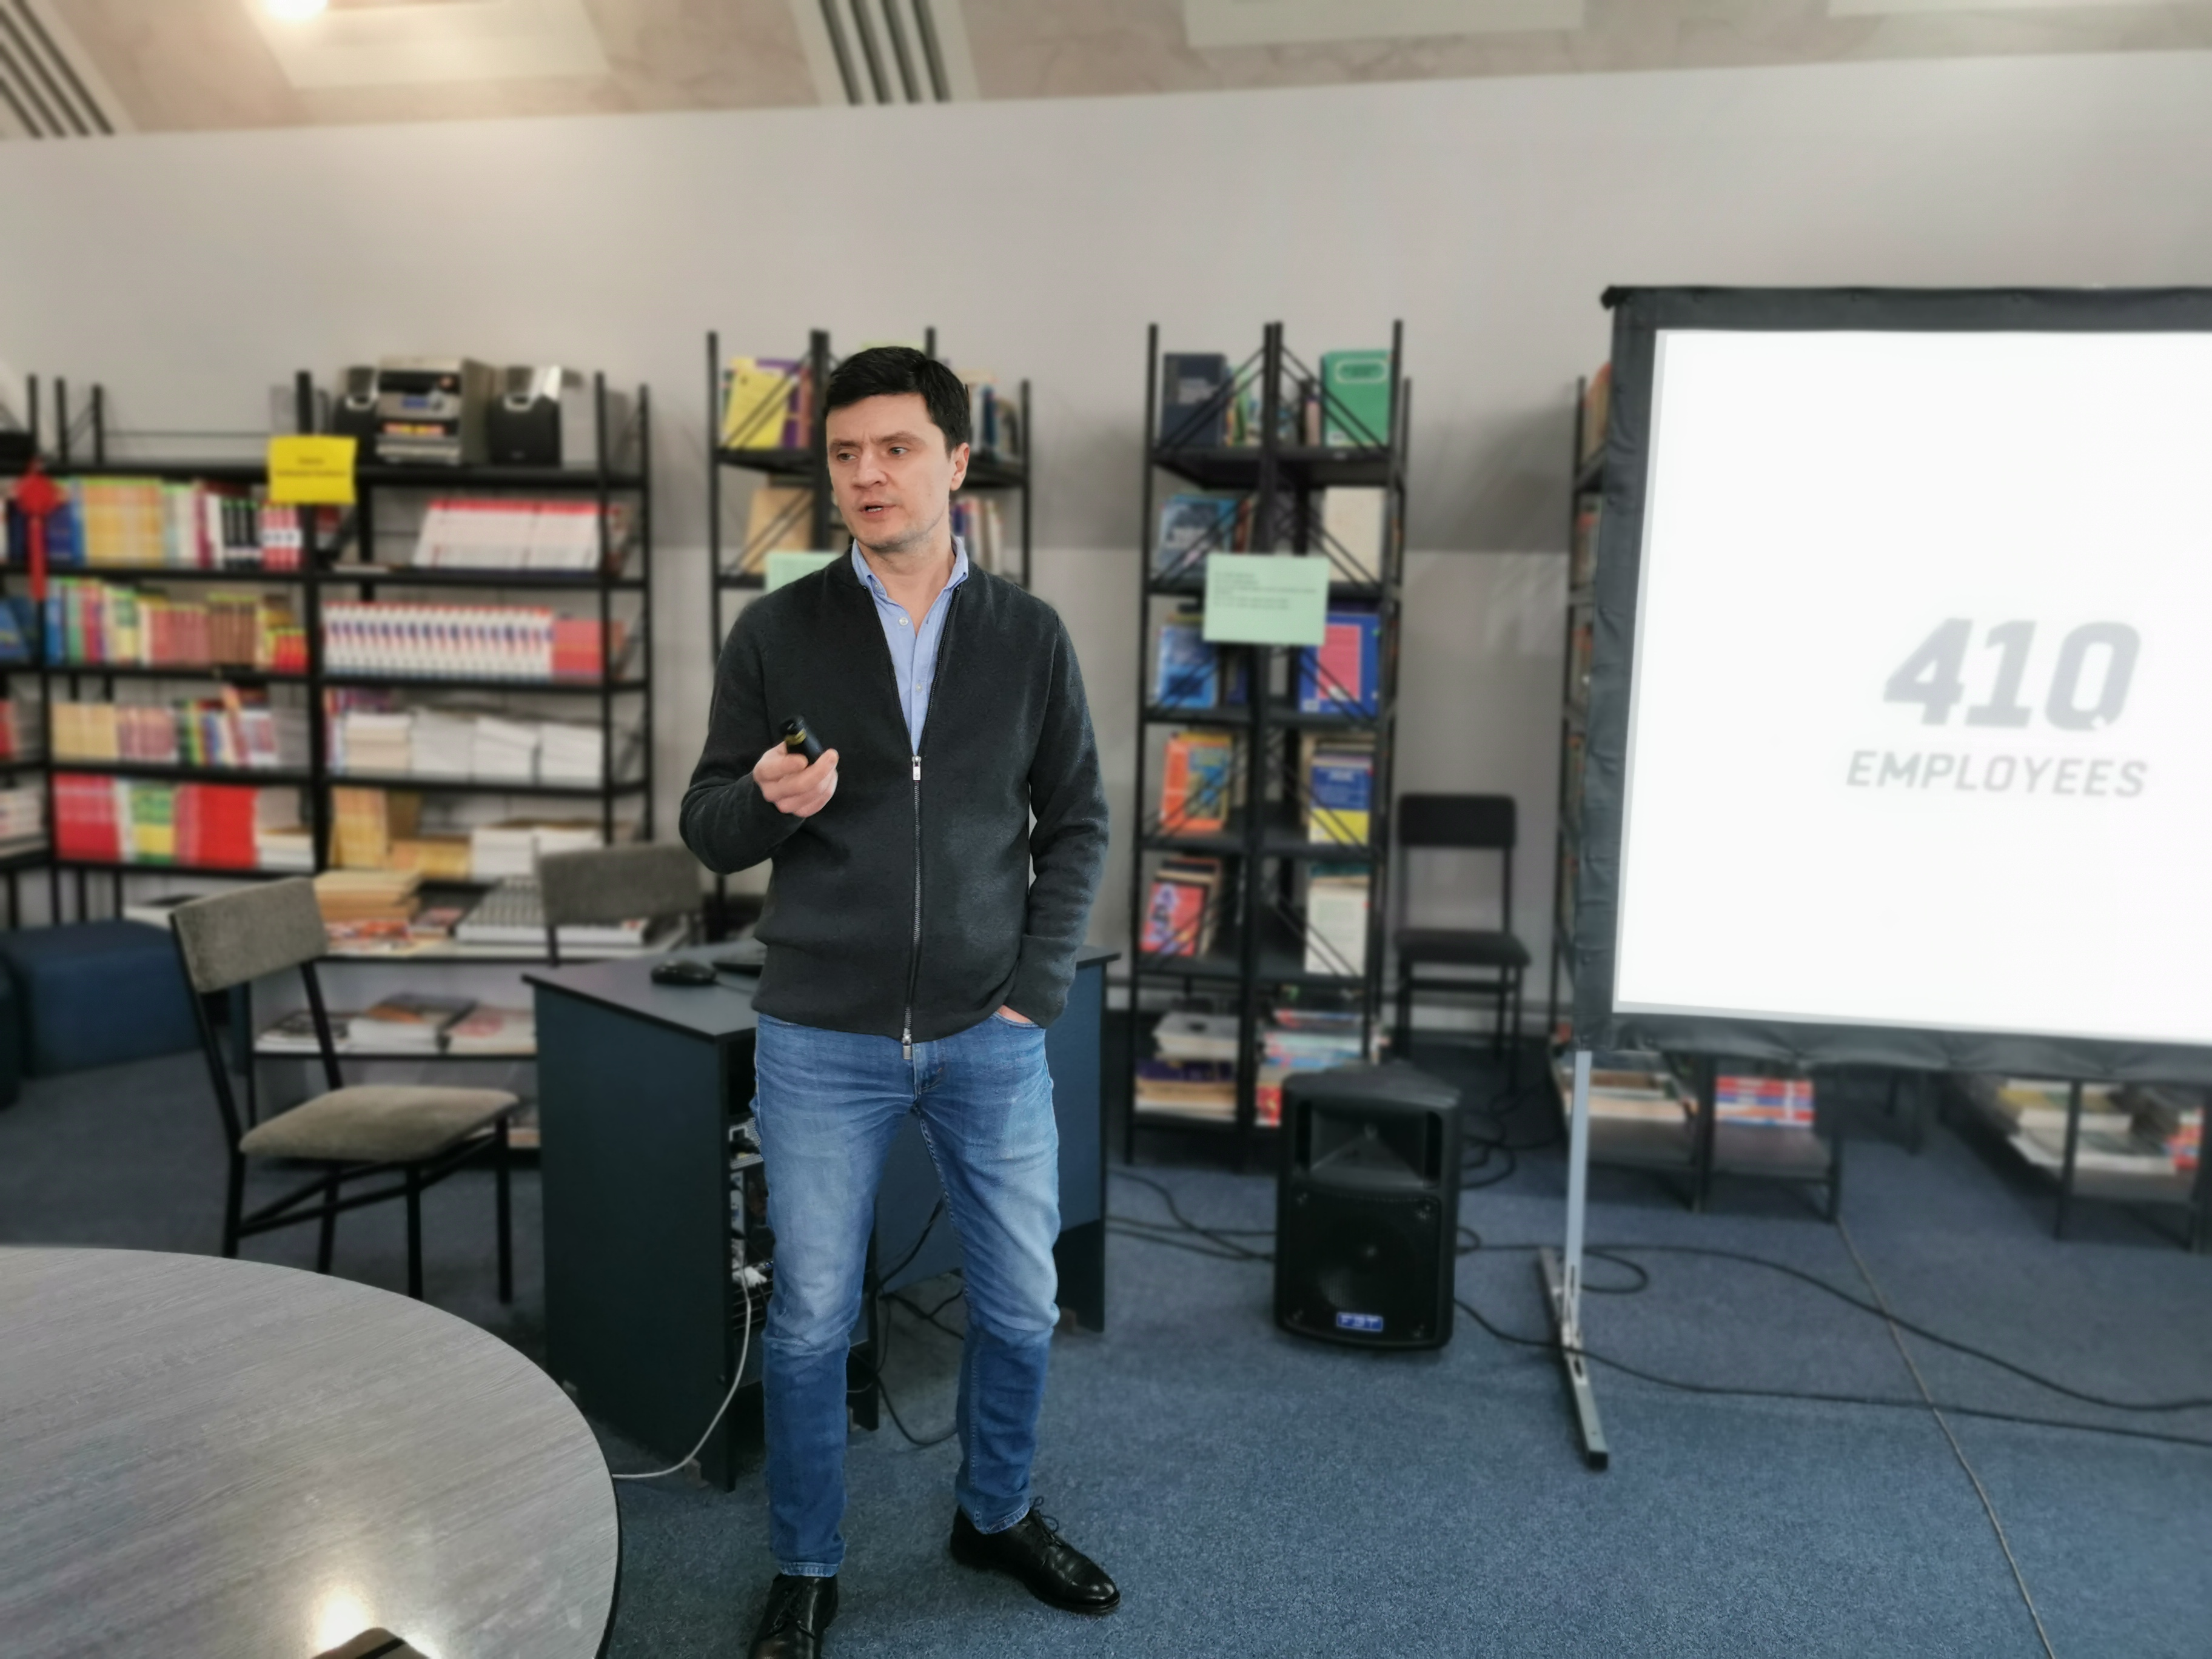 Oportunități de angajare în câmpul muncii pentru studenții care cunosc limbi europene